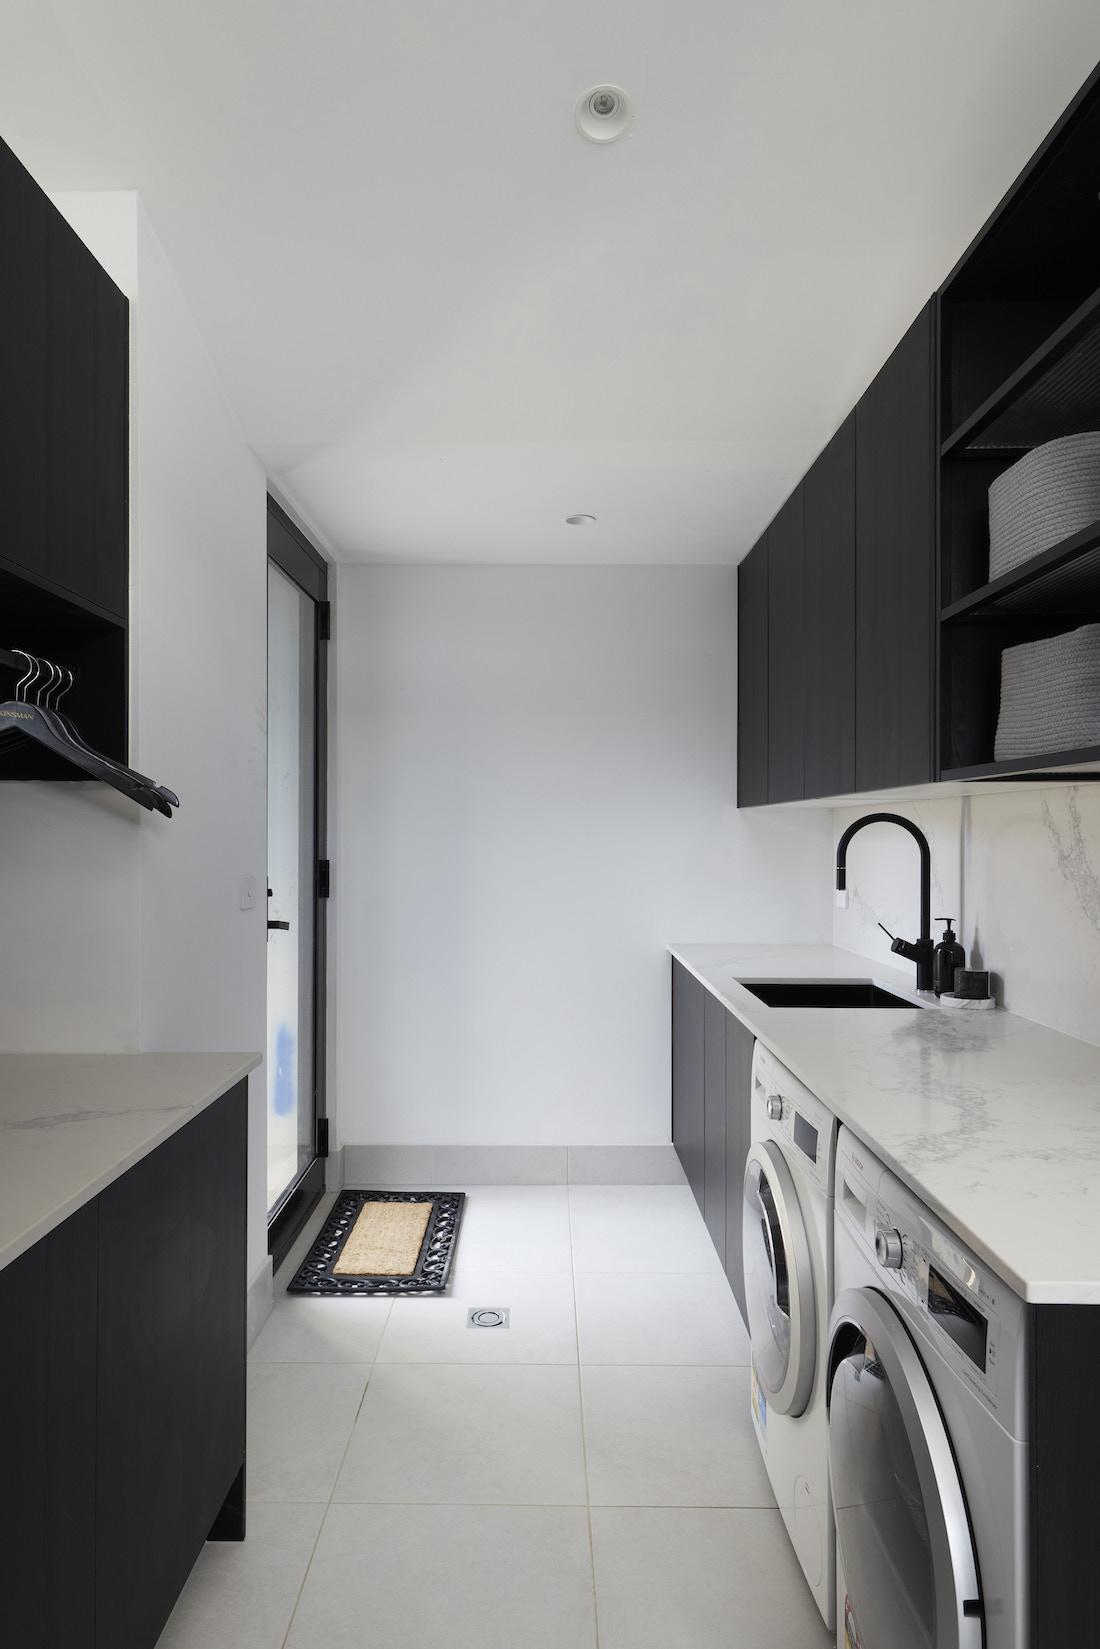 Large black and white laundry